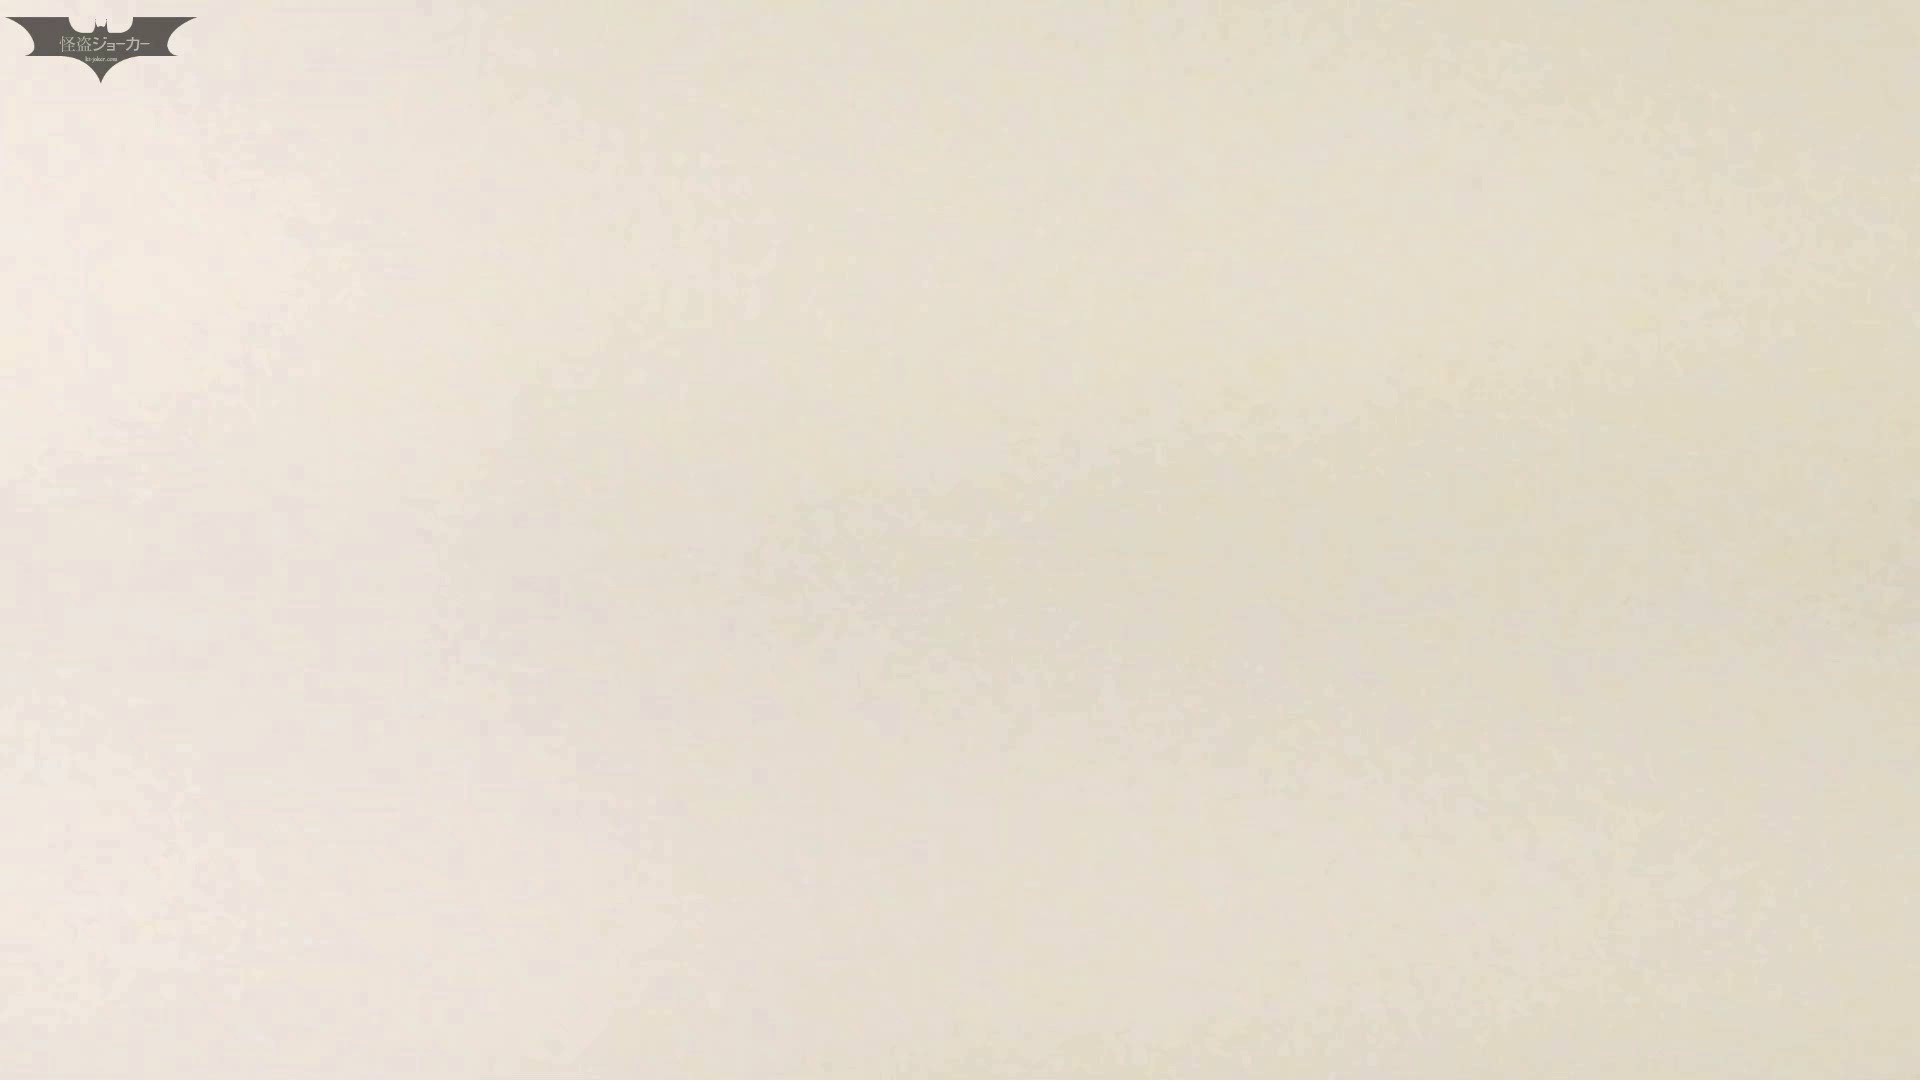 新世界の射窓 No64日本ギャル登場か?ハイヒール大特集! ギャル盗撮映像   洗面所  84PIX 25